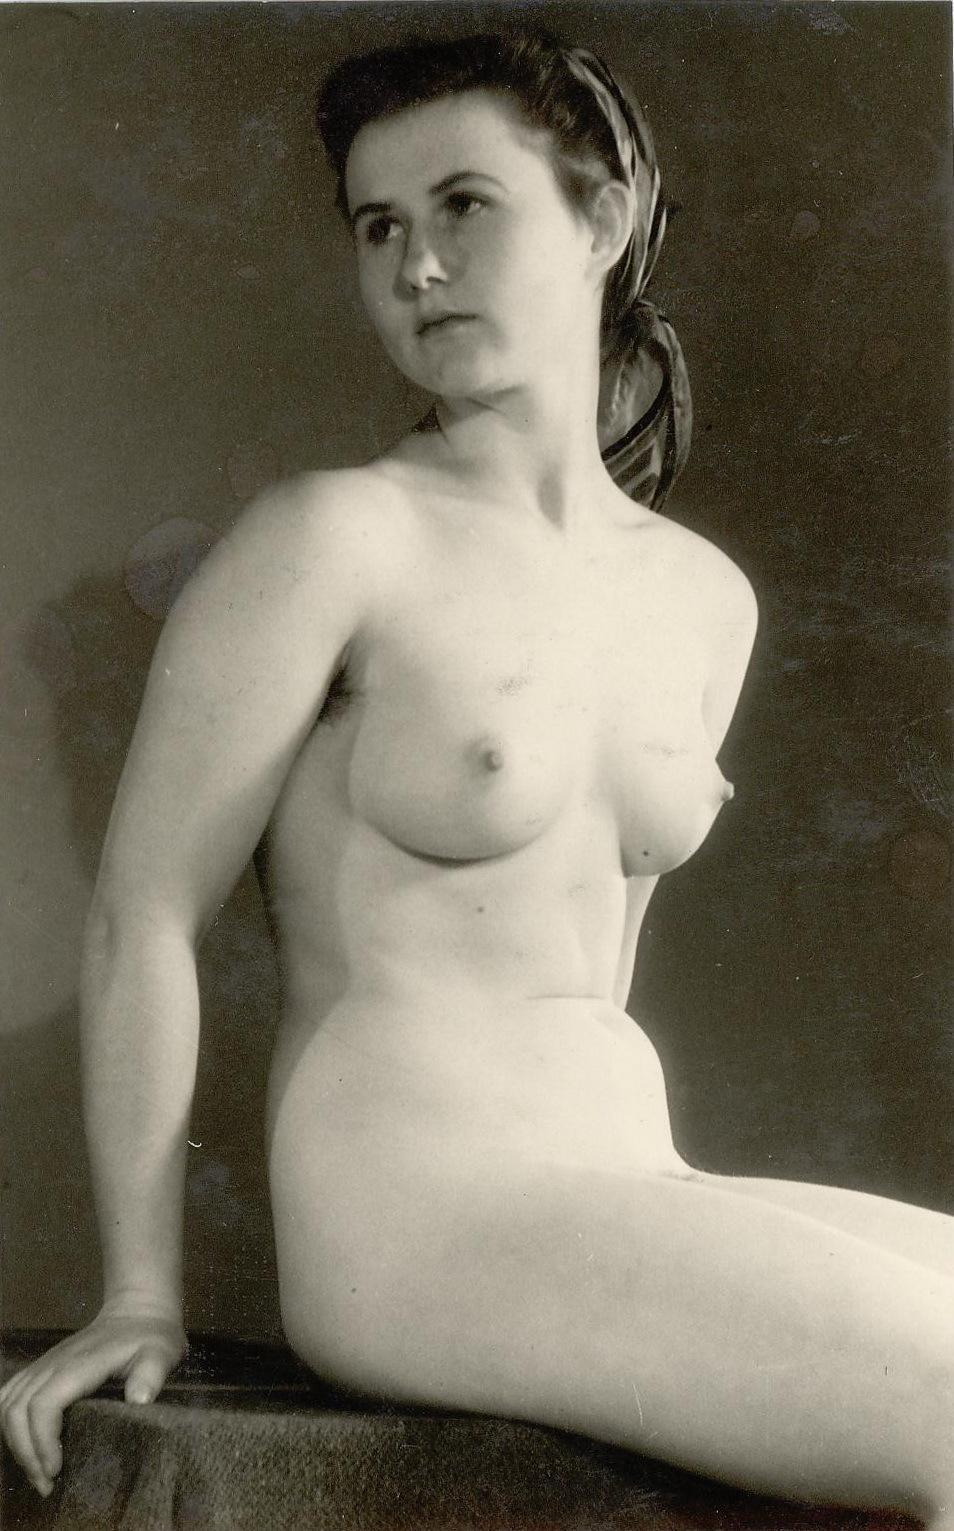 eroticna-fotografija-preteklost-srbija-7